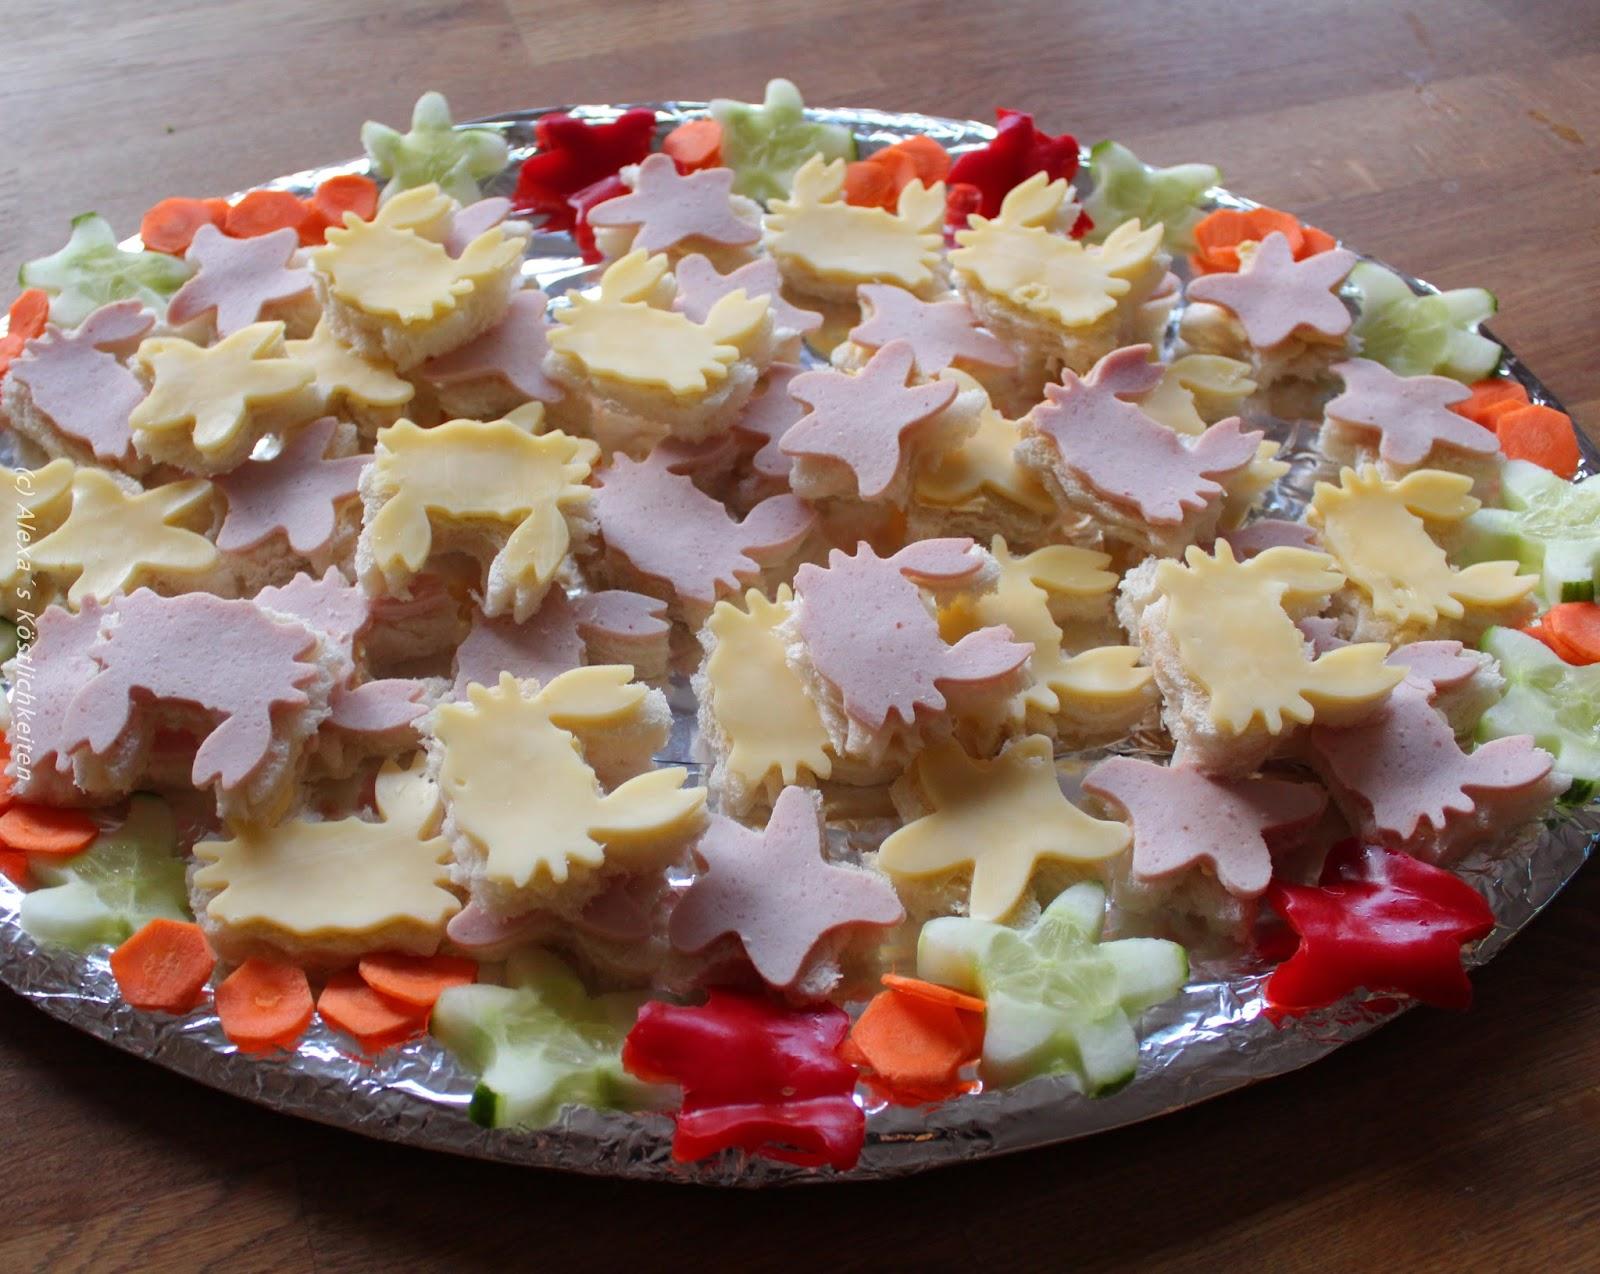 Geburtstag Essen Ideen Kindergeburtstag Essen 40 Leckere Und